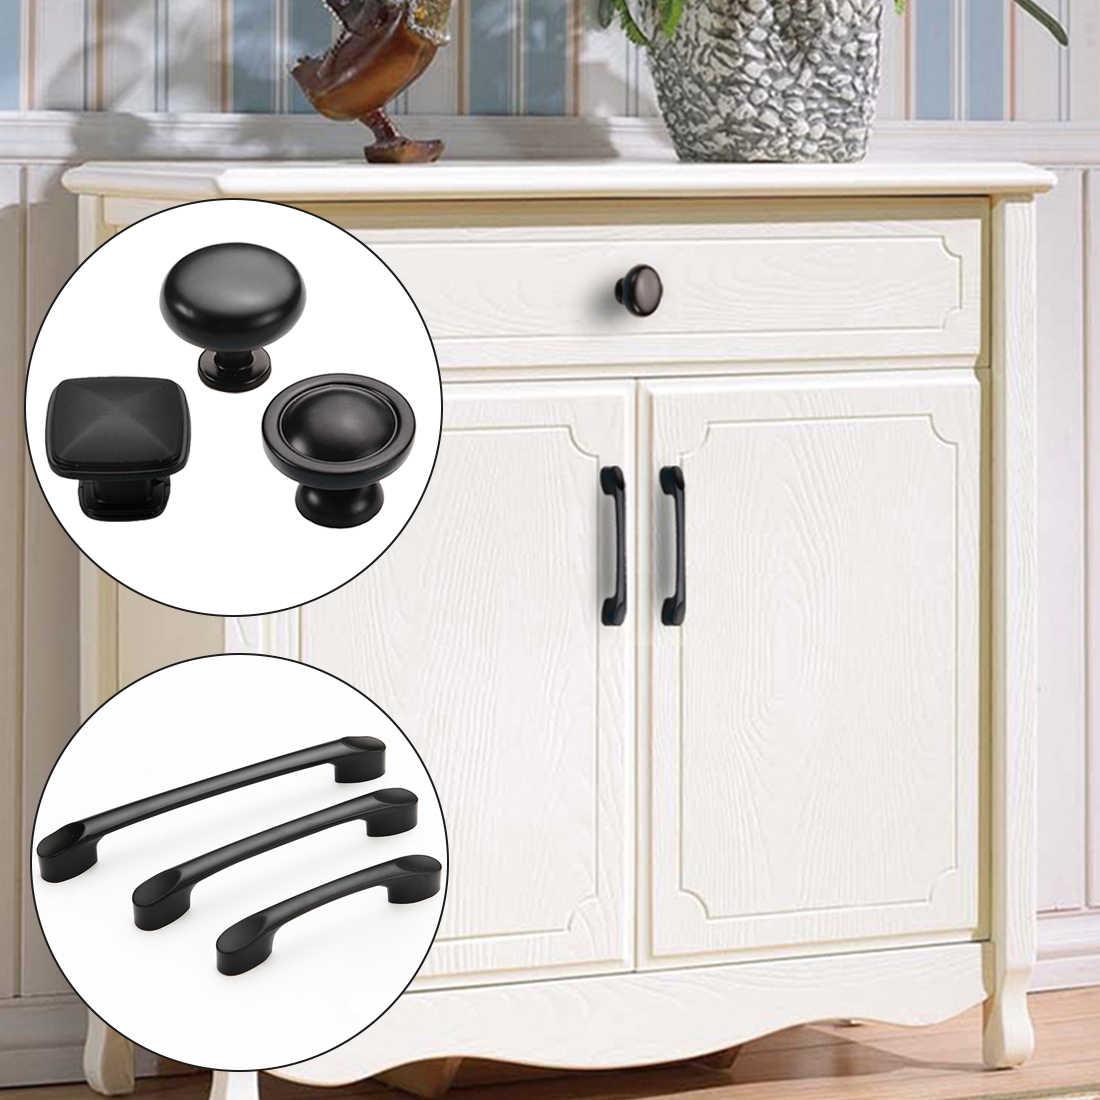 Dolap kapağı kolu alüminyum alaşımlı mat siyah saplı fırça siyah dolap kolları çekmece kolları mobilya kolu donanım